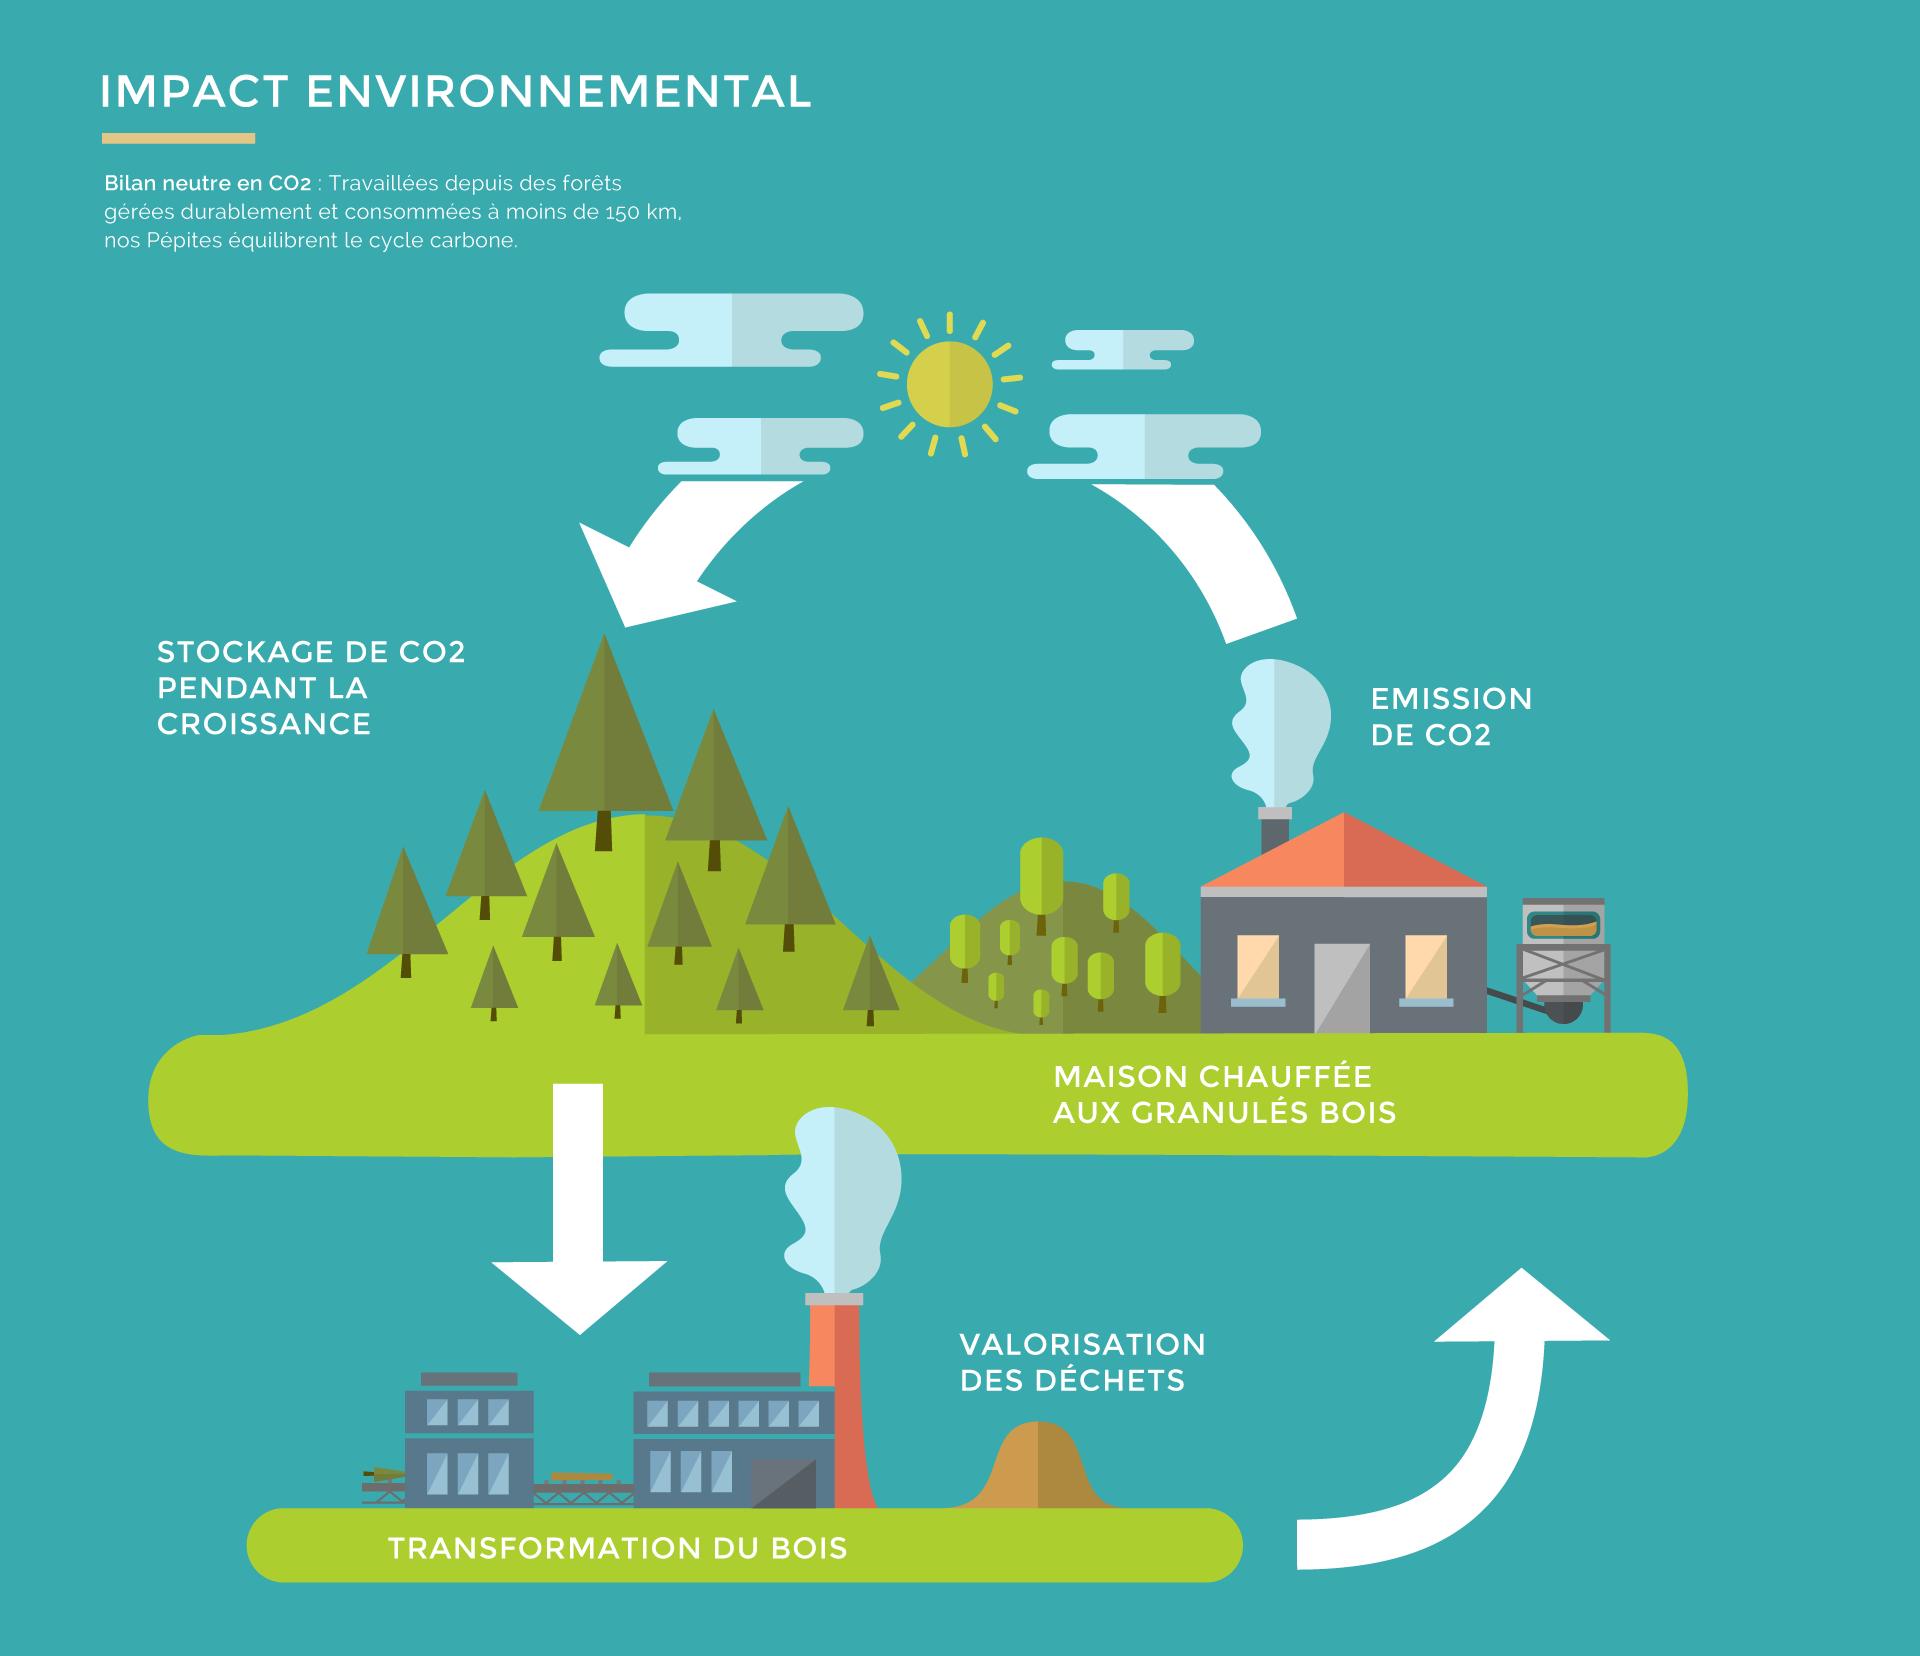 impact environnemental du processus de fabrication des granulés bois